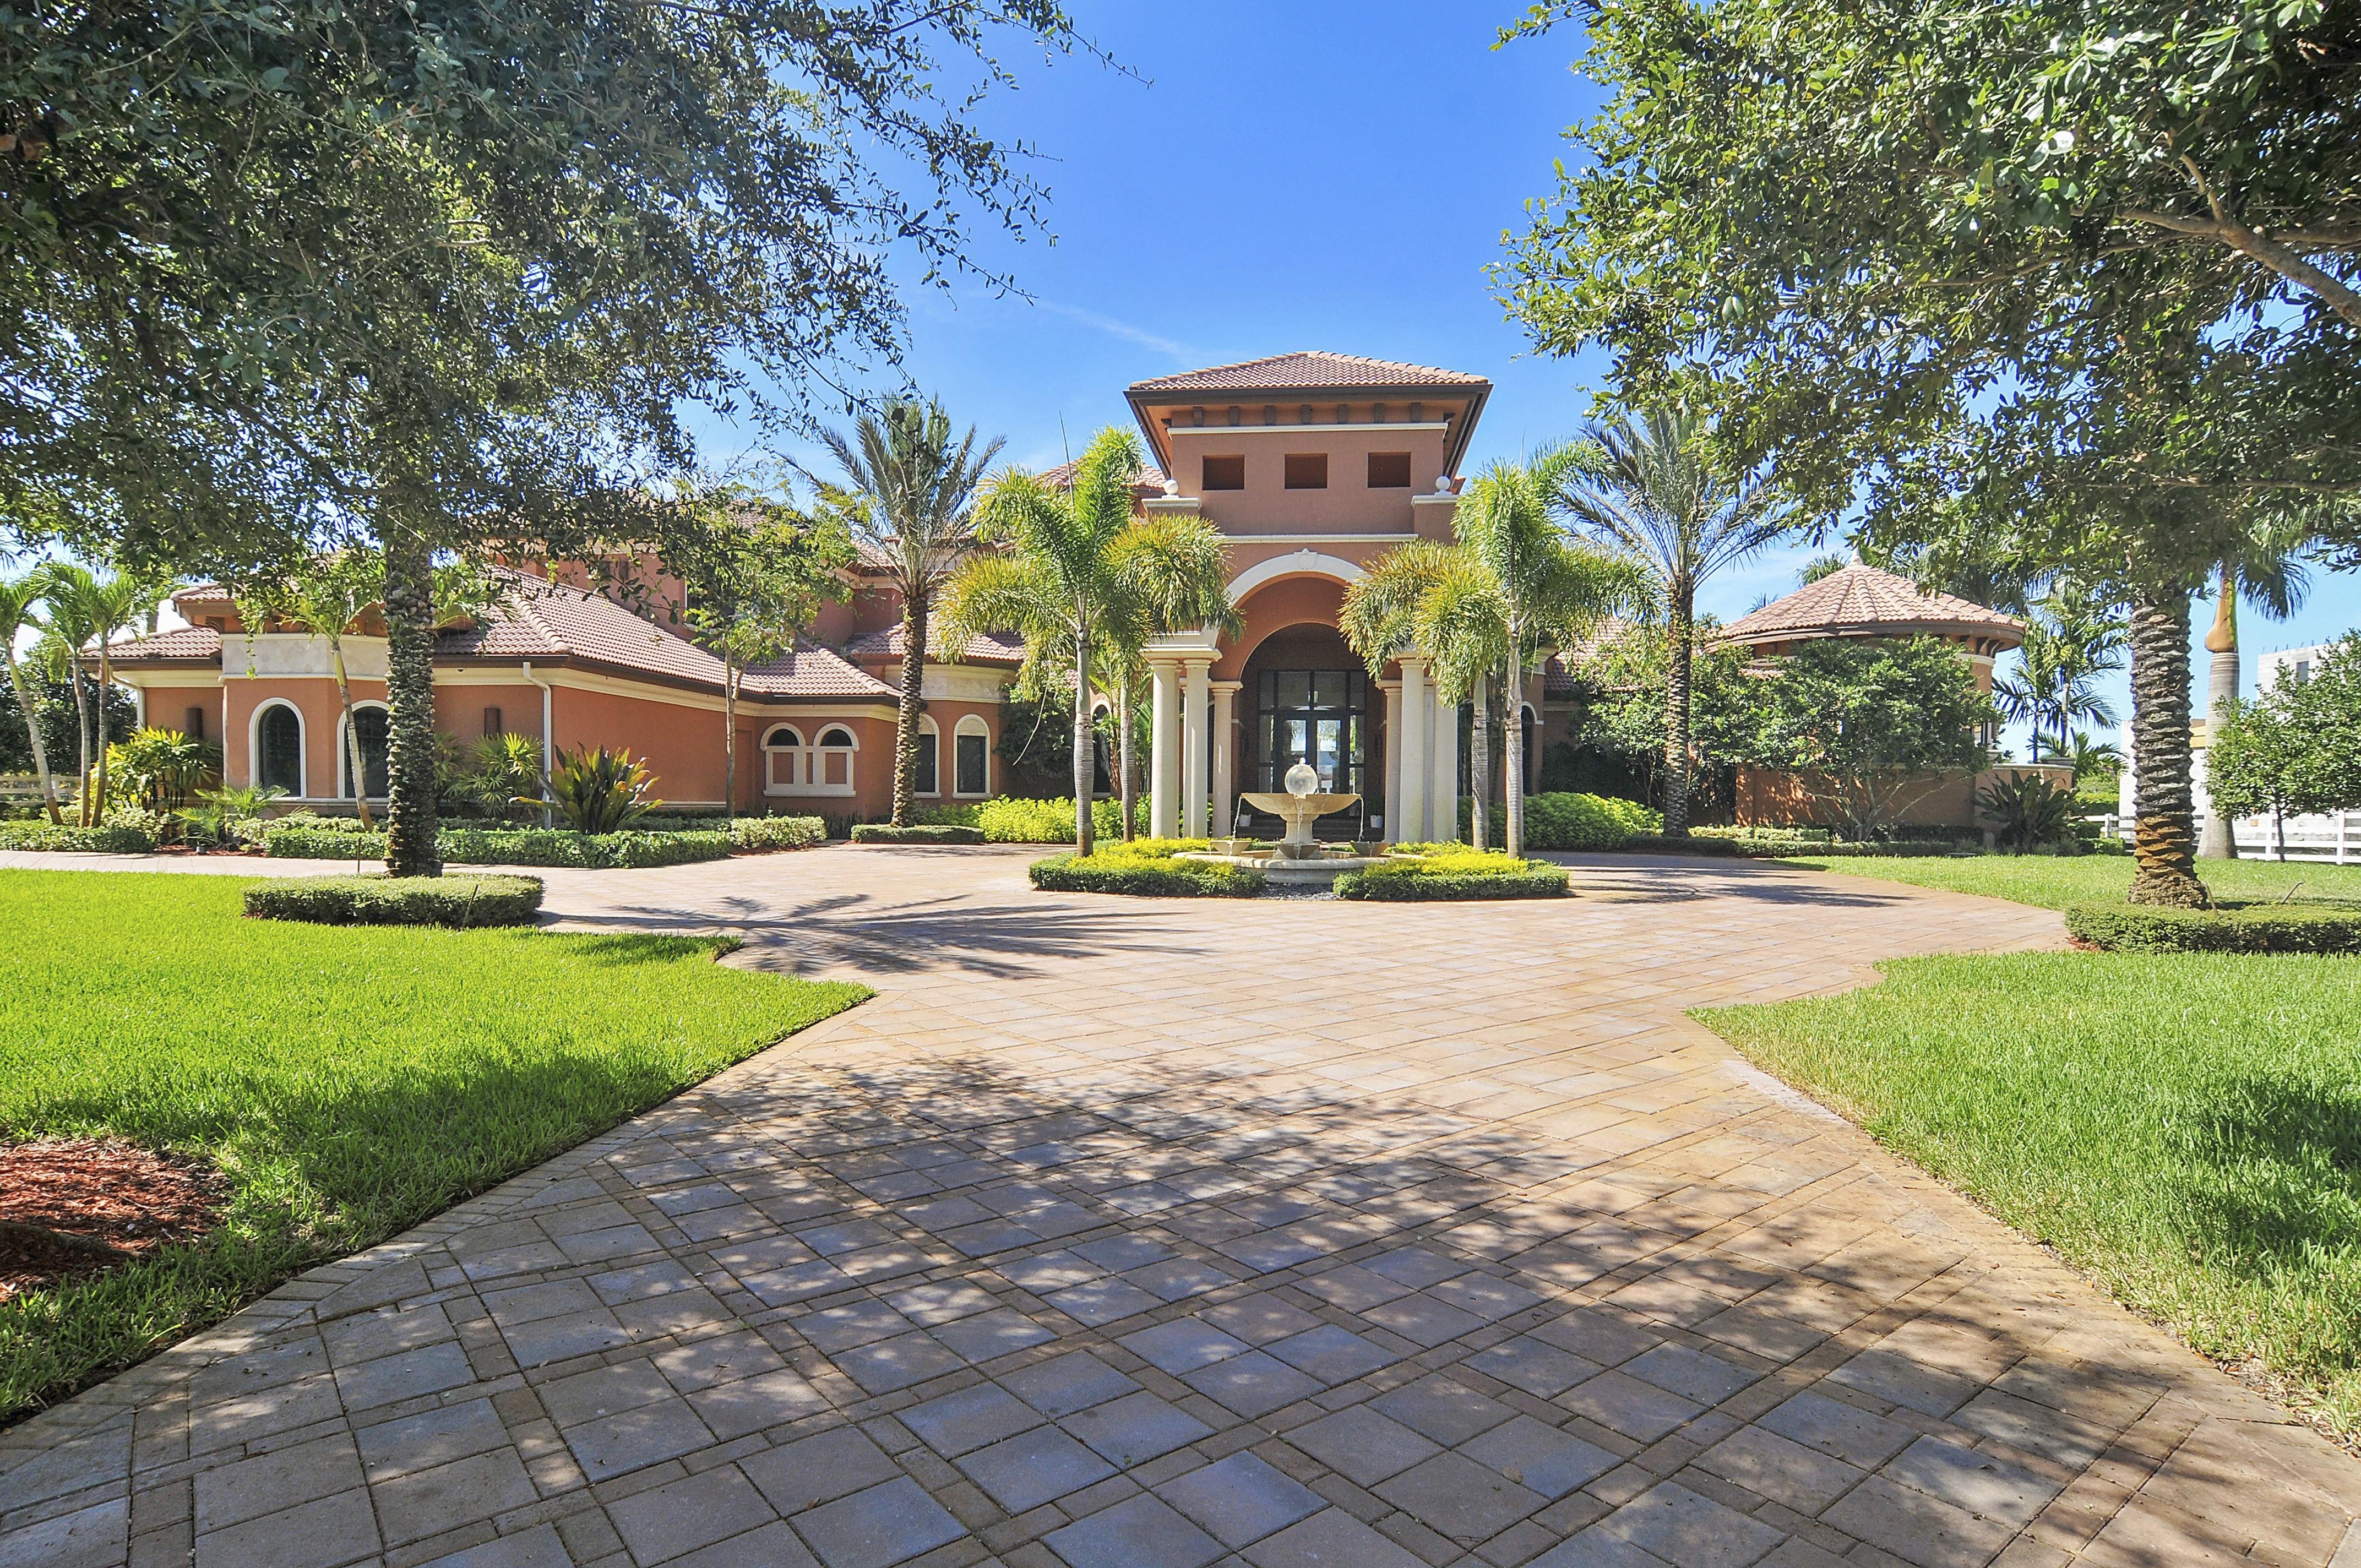 Частный односемейный дом для того Продажа на 16710 Stratford Ct Southwest Ranches, Флорида, 33331 Соединенные Штаты